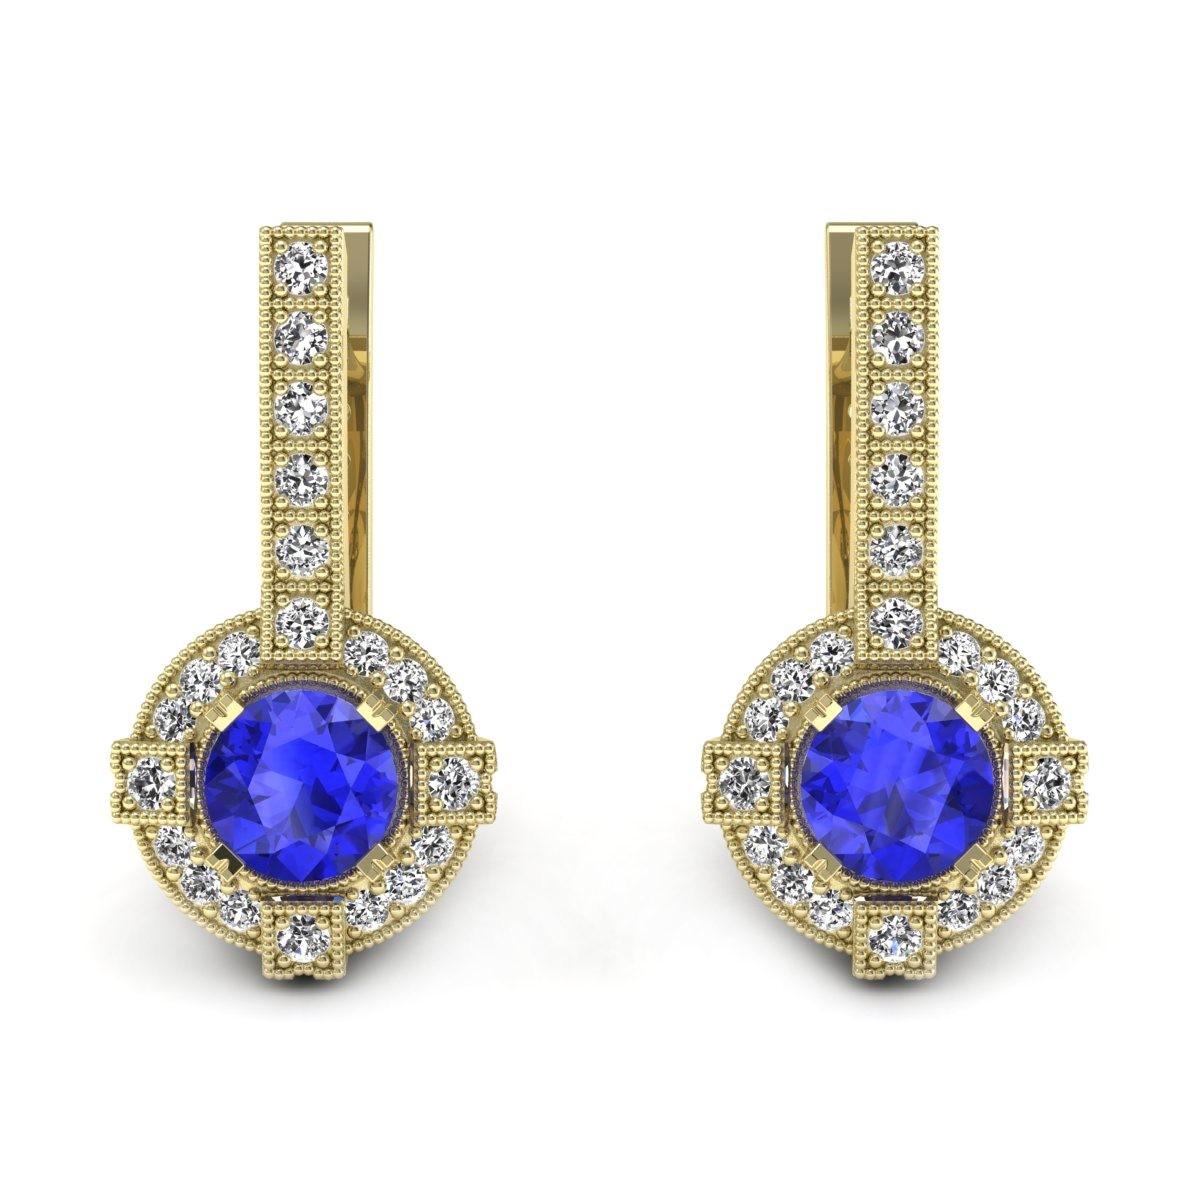 Audrey - Złote kolczyki z szafirami cejlońskimi i diamentami